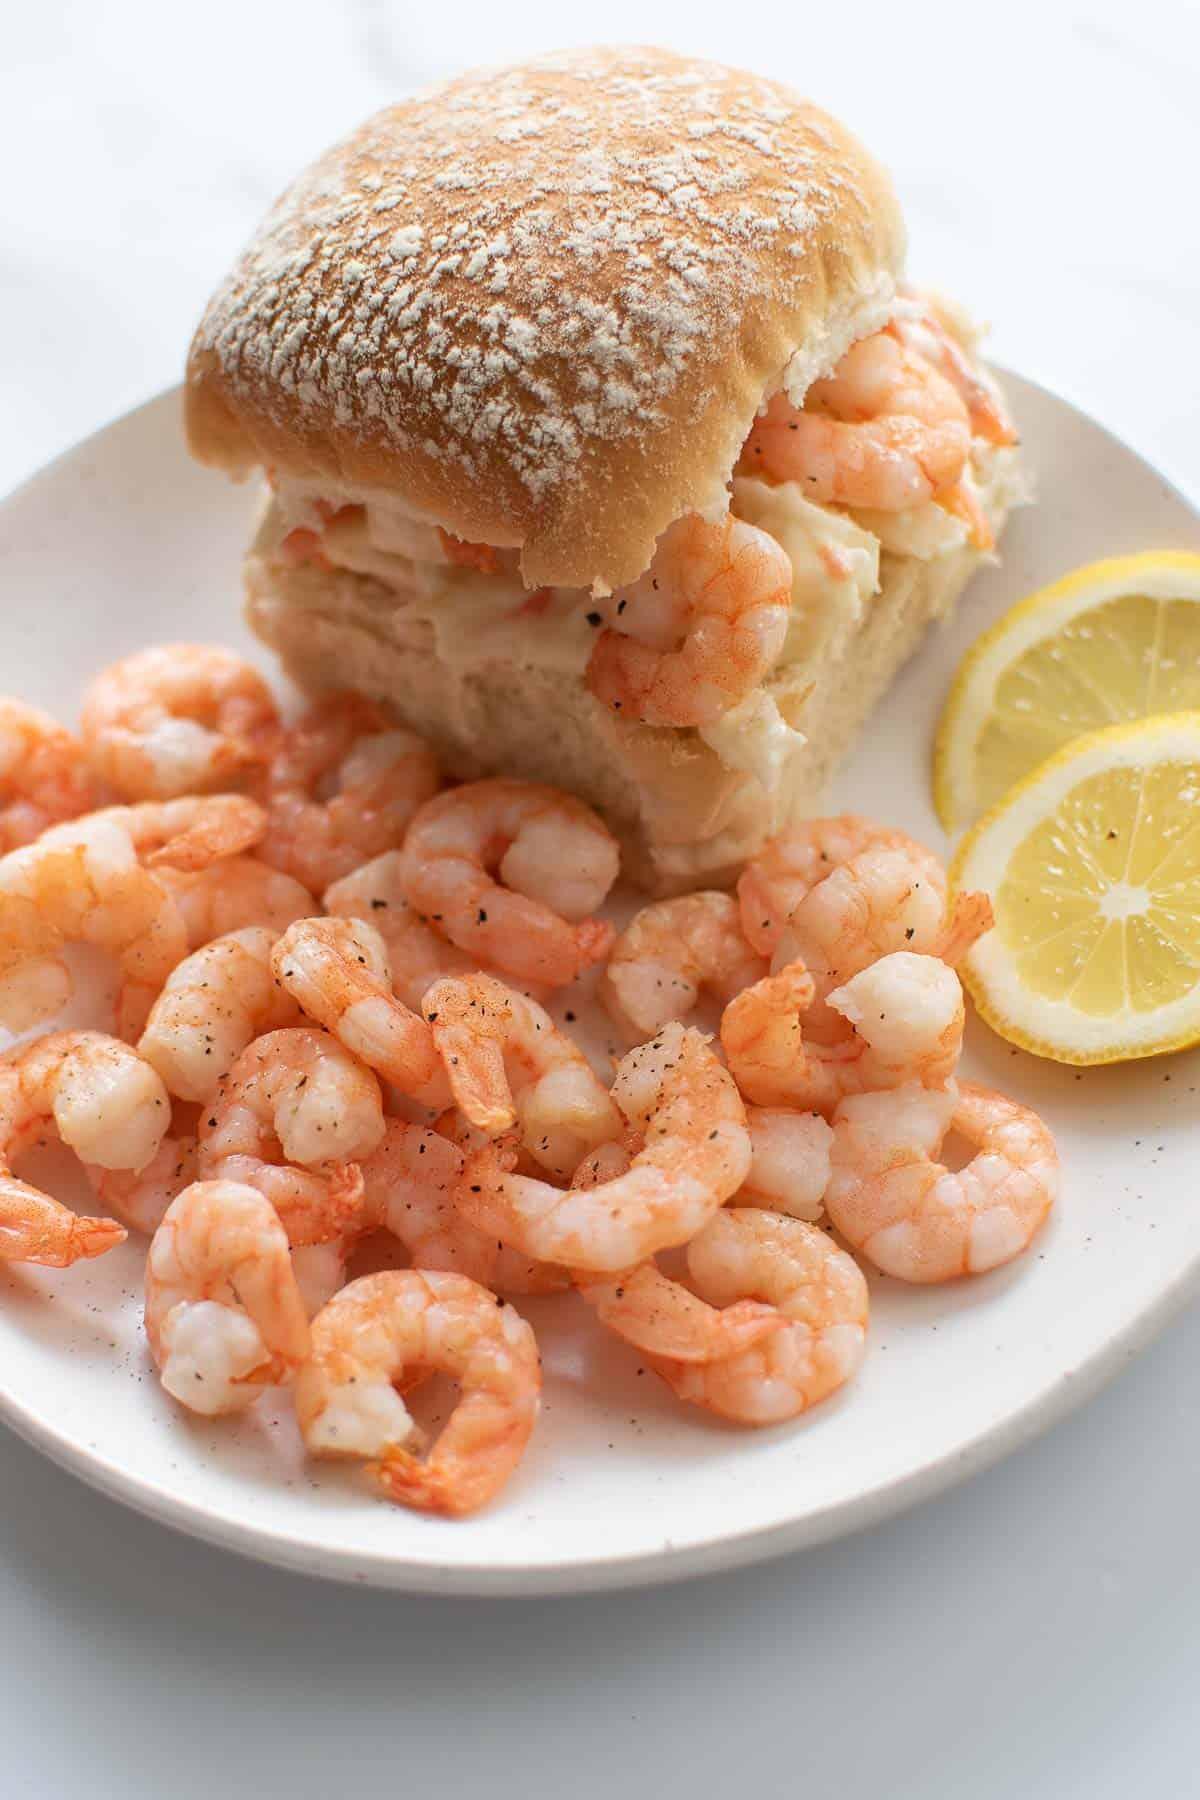 Shrimp on a plate, next to a shrimp and coleslaw slider.